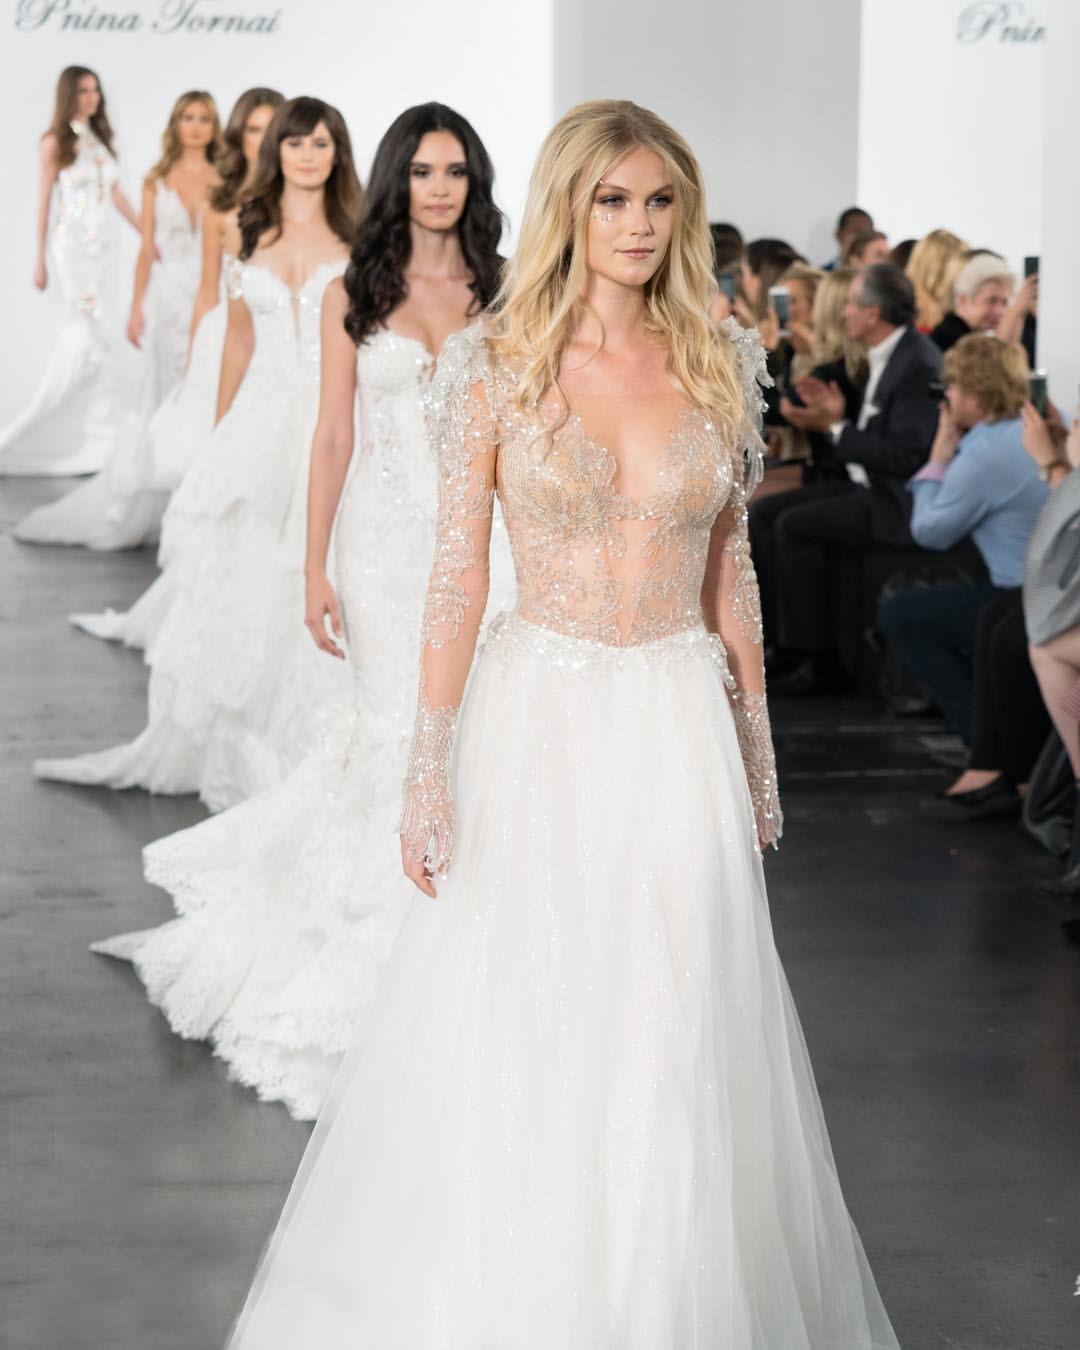 Pnina wedding dress  Mi piace